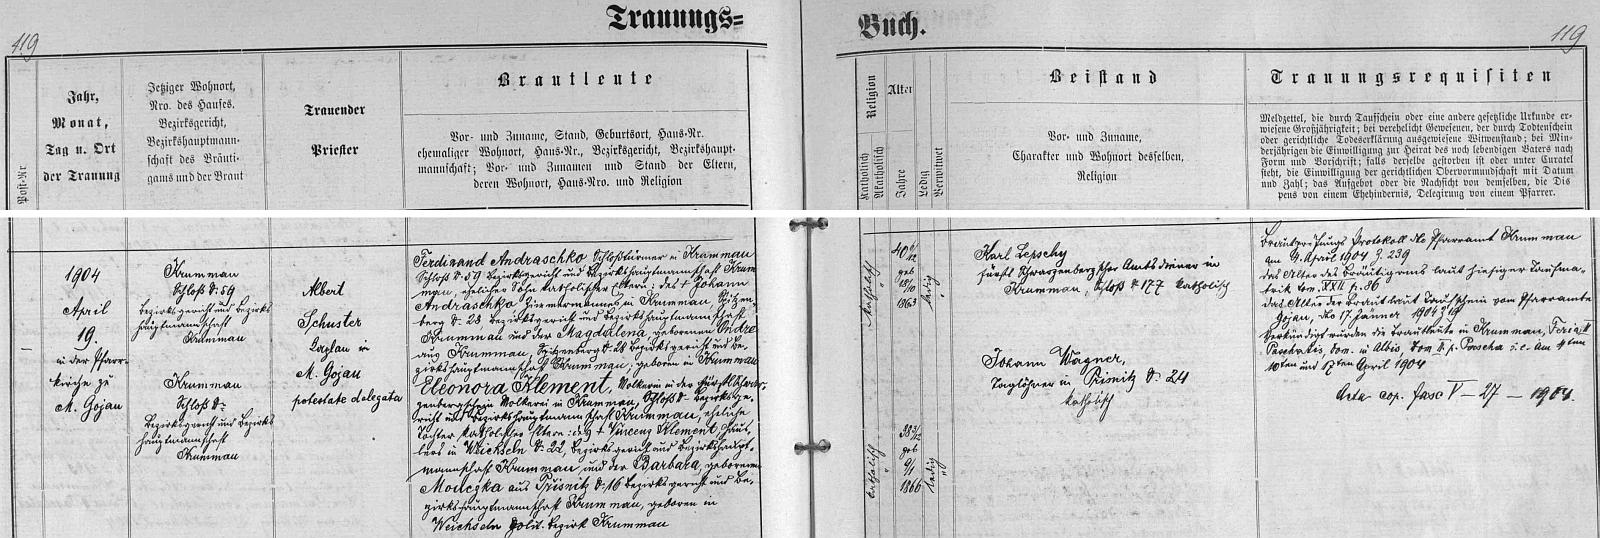 Záznam českokrumlovské oddací matriky o svatbě jeho rodičů na zdejším zámku, kde byl otec věžným a matka mlékařkou v knížecí mlékárně